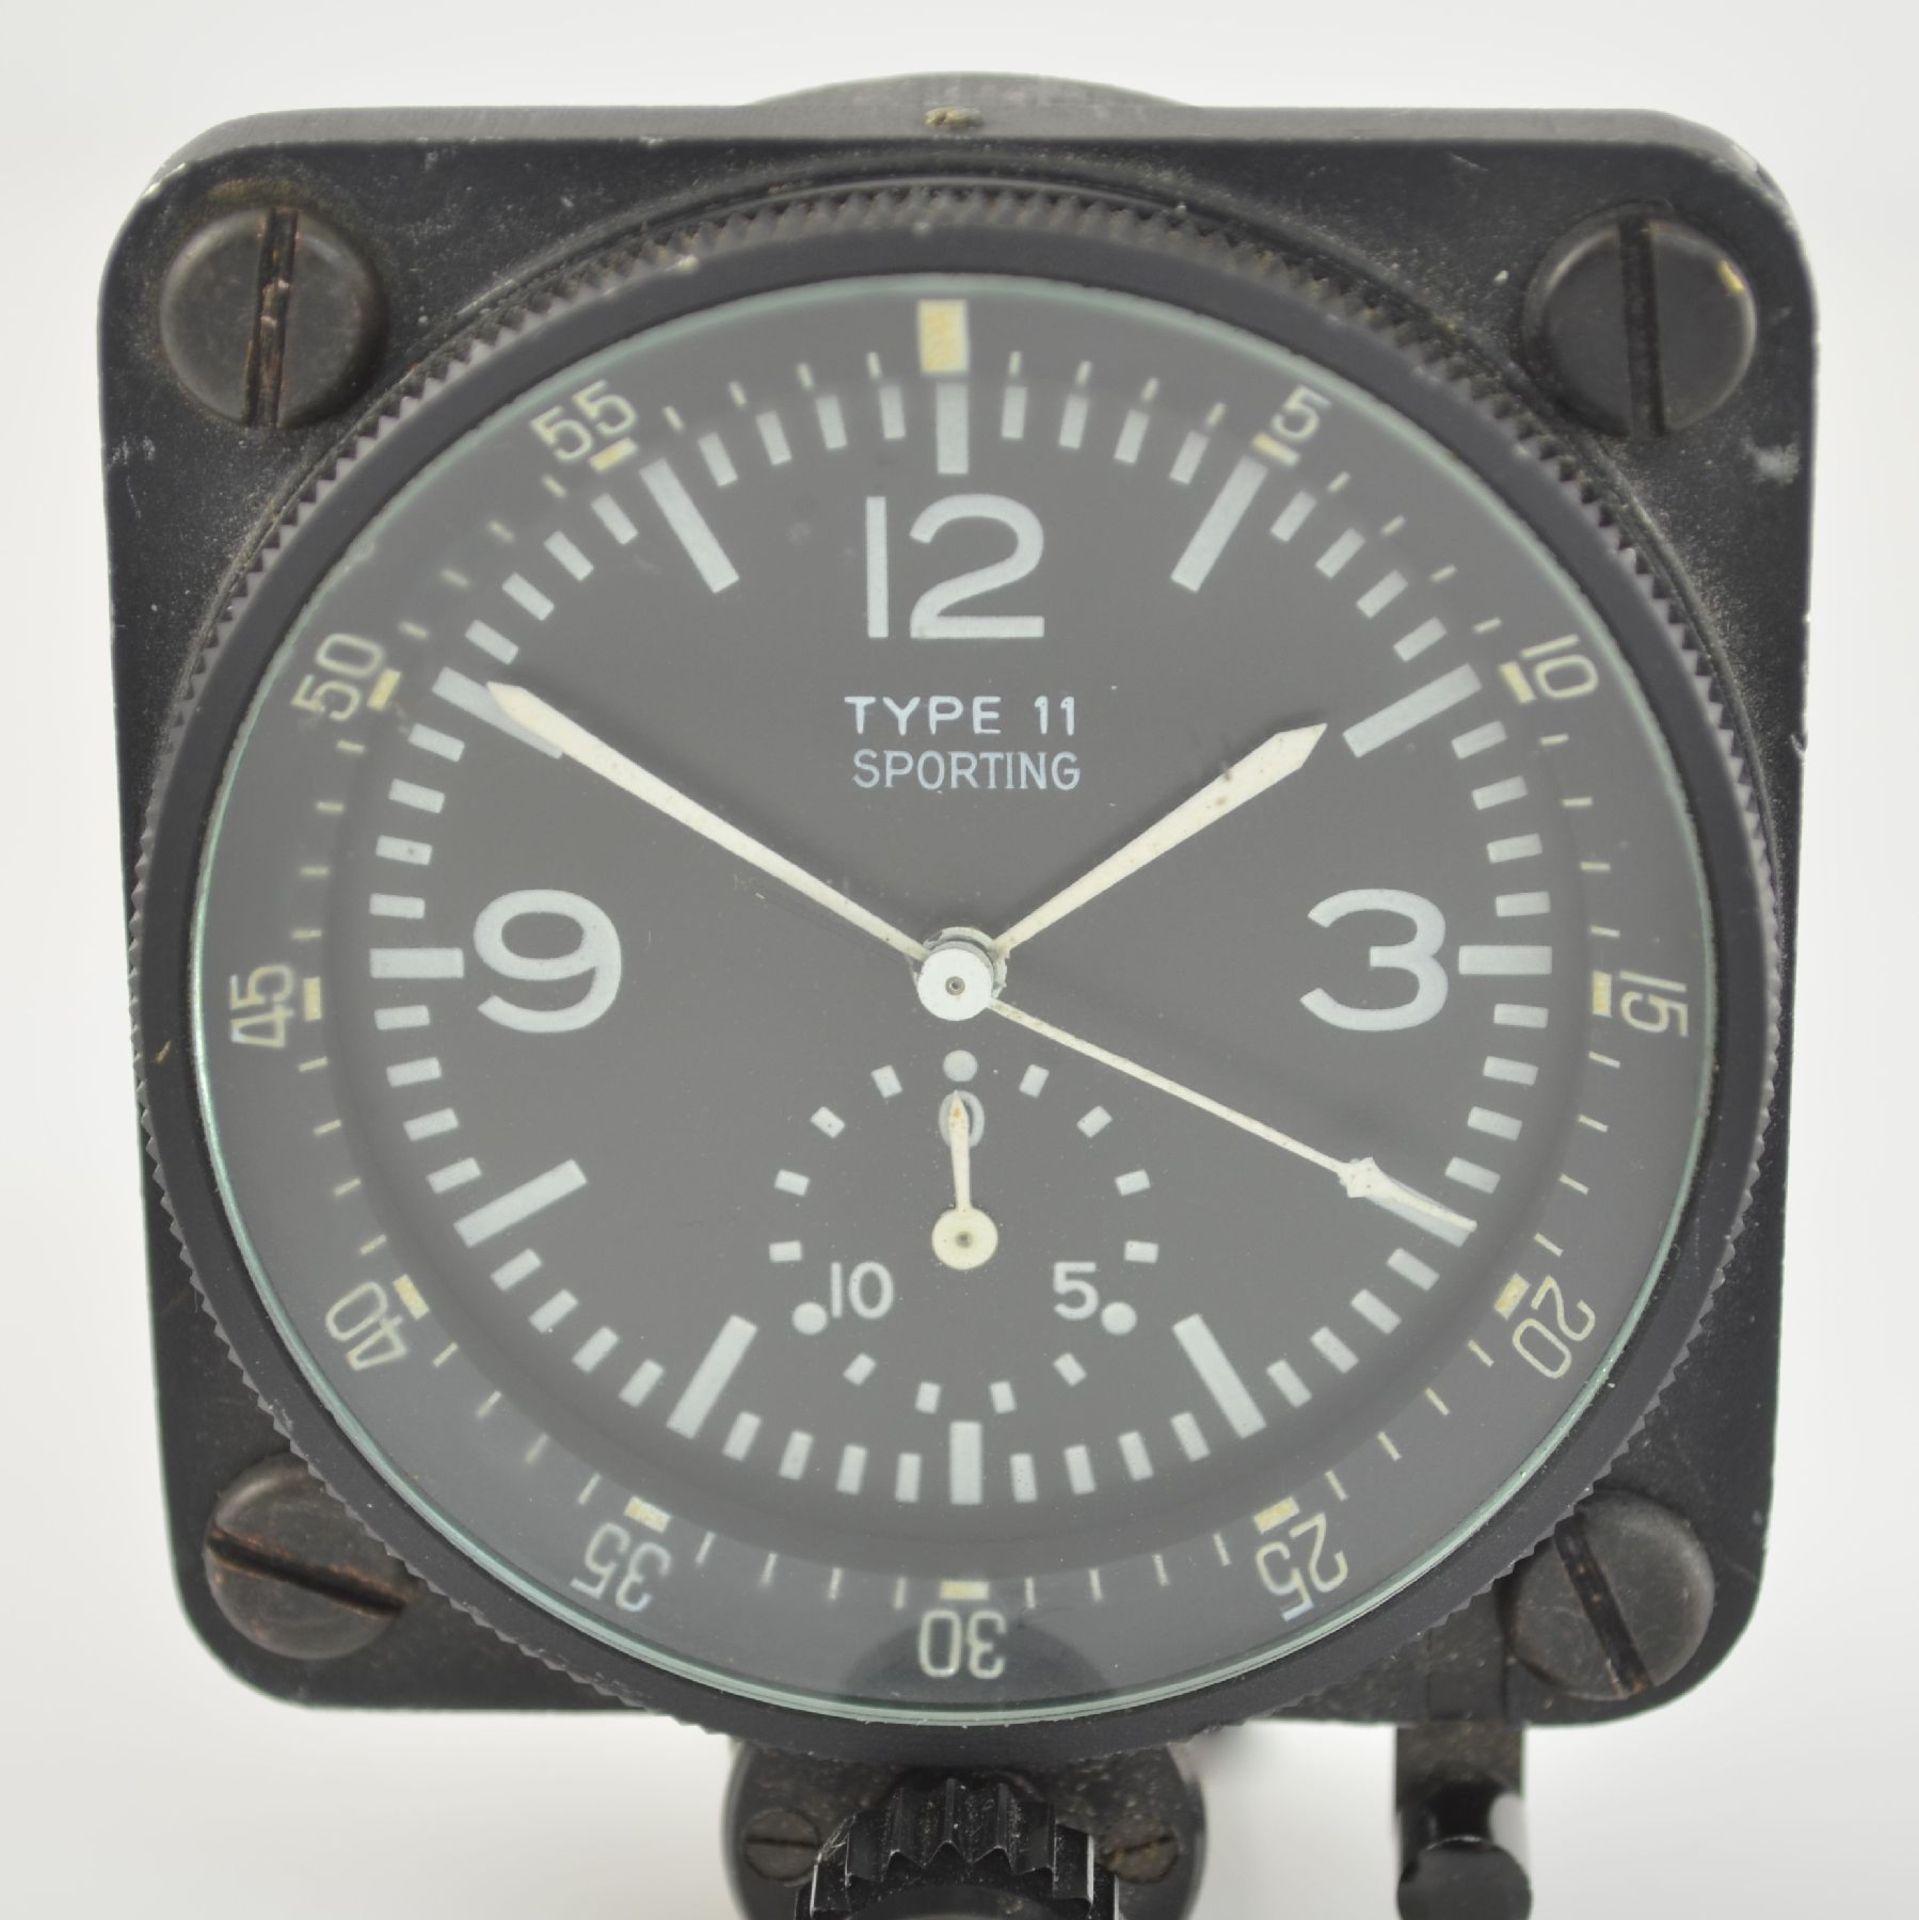 SPORTING TYPE 11 Borduhr mit Chronograph (Dashboard), Schweiz um 1970, geschwärztes Metallgeh., - Bild 2 aus 7